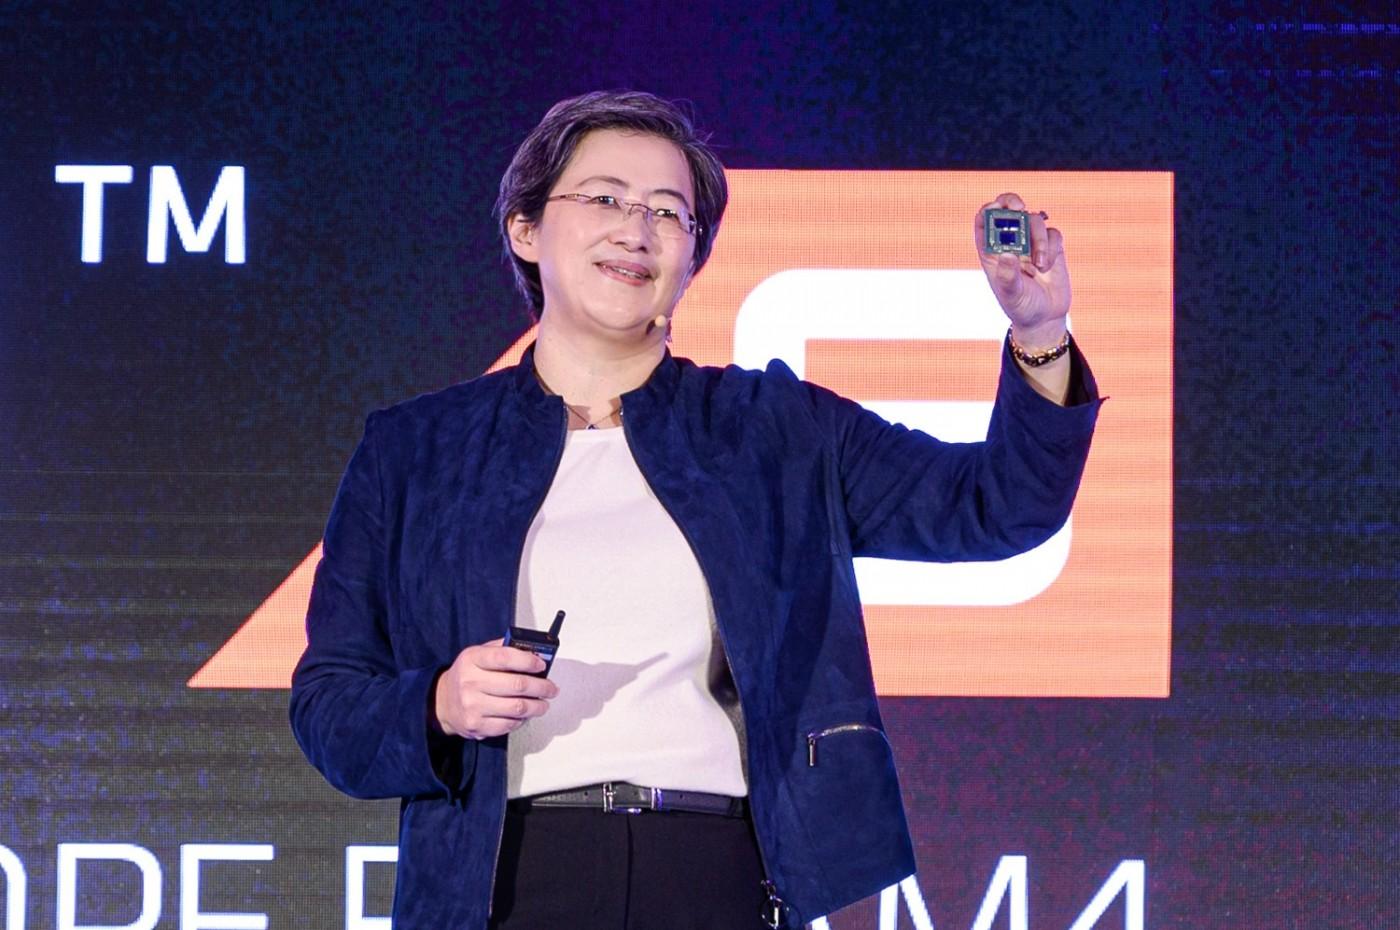 穩奪Intel伺服器市占!AMD上修今年度營收預測,Q2財報後股價漲逾10%